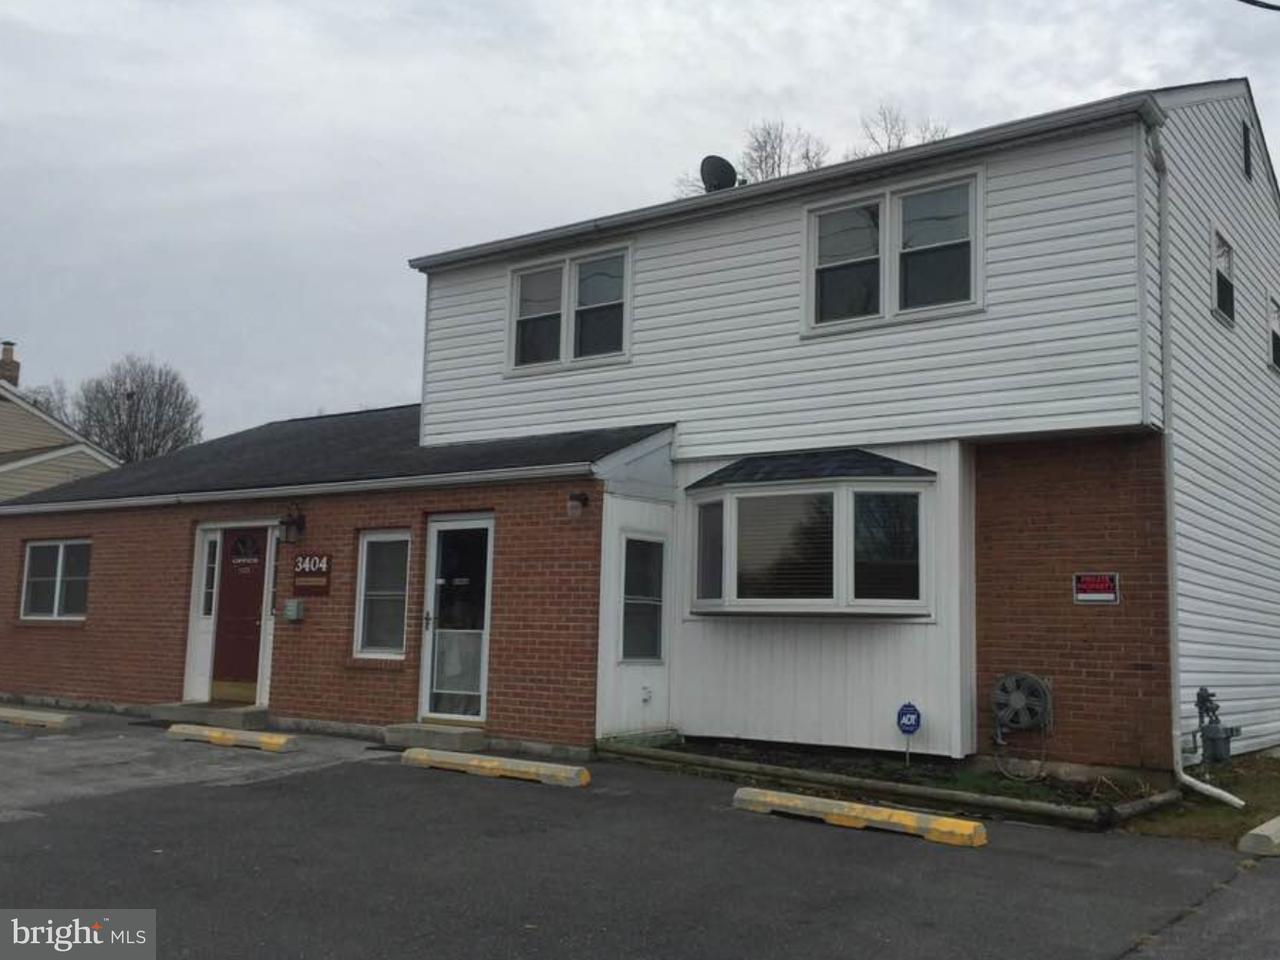 Enfamiljshus för Försäljning vid 3404 SILVERSIDE Road Talleyville, Delaware 19810 Usa